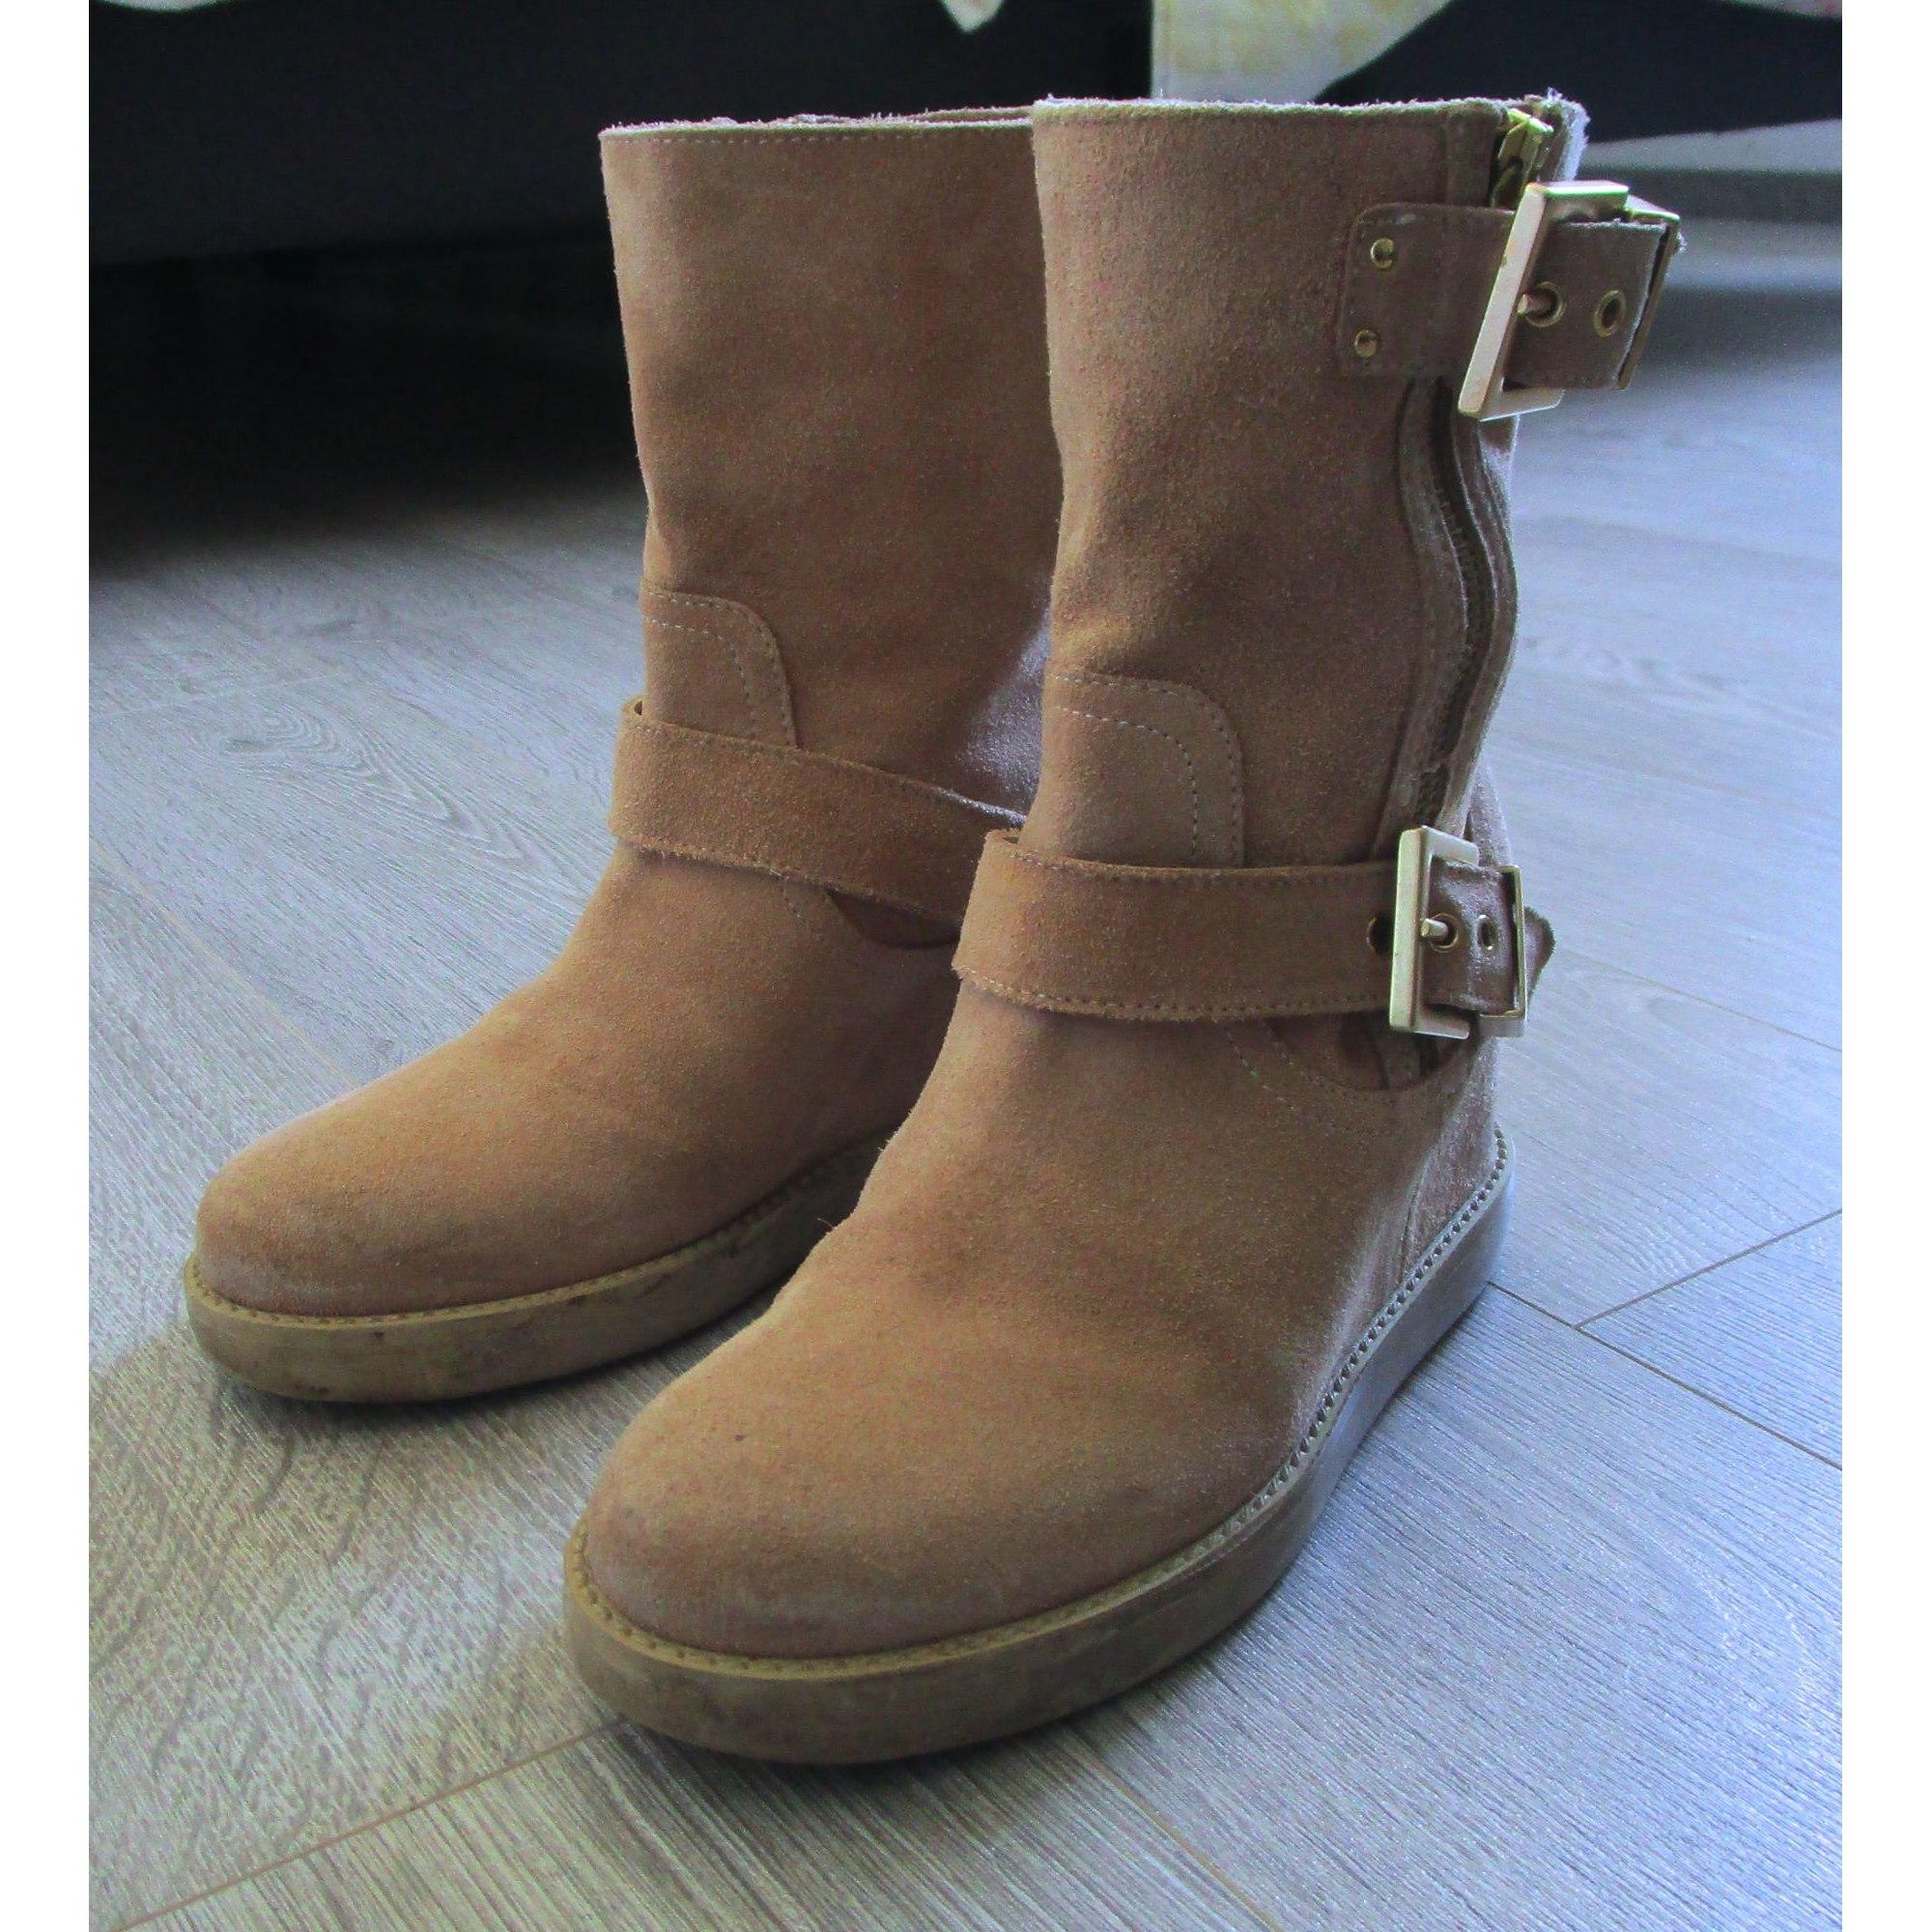 Bottines & low boots à compensés TWIN-SET SIMONA BARBIERI Beige, camel